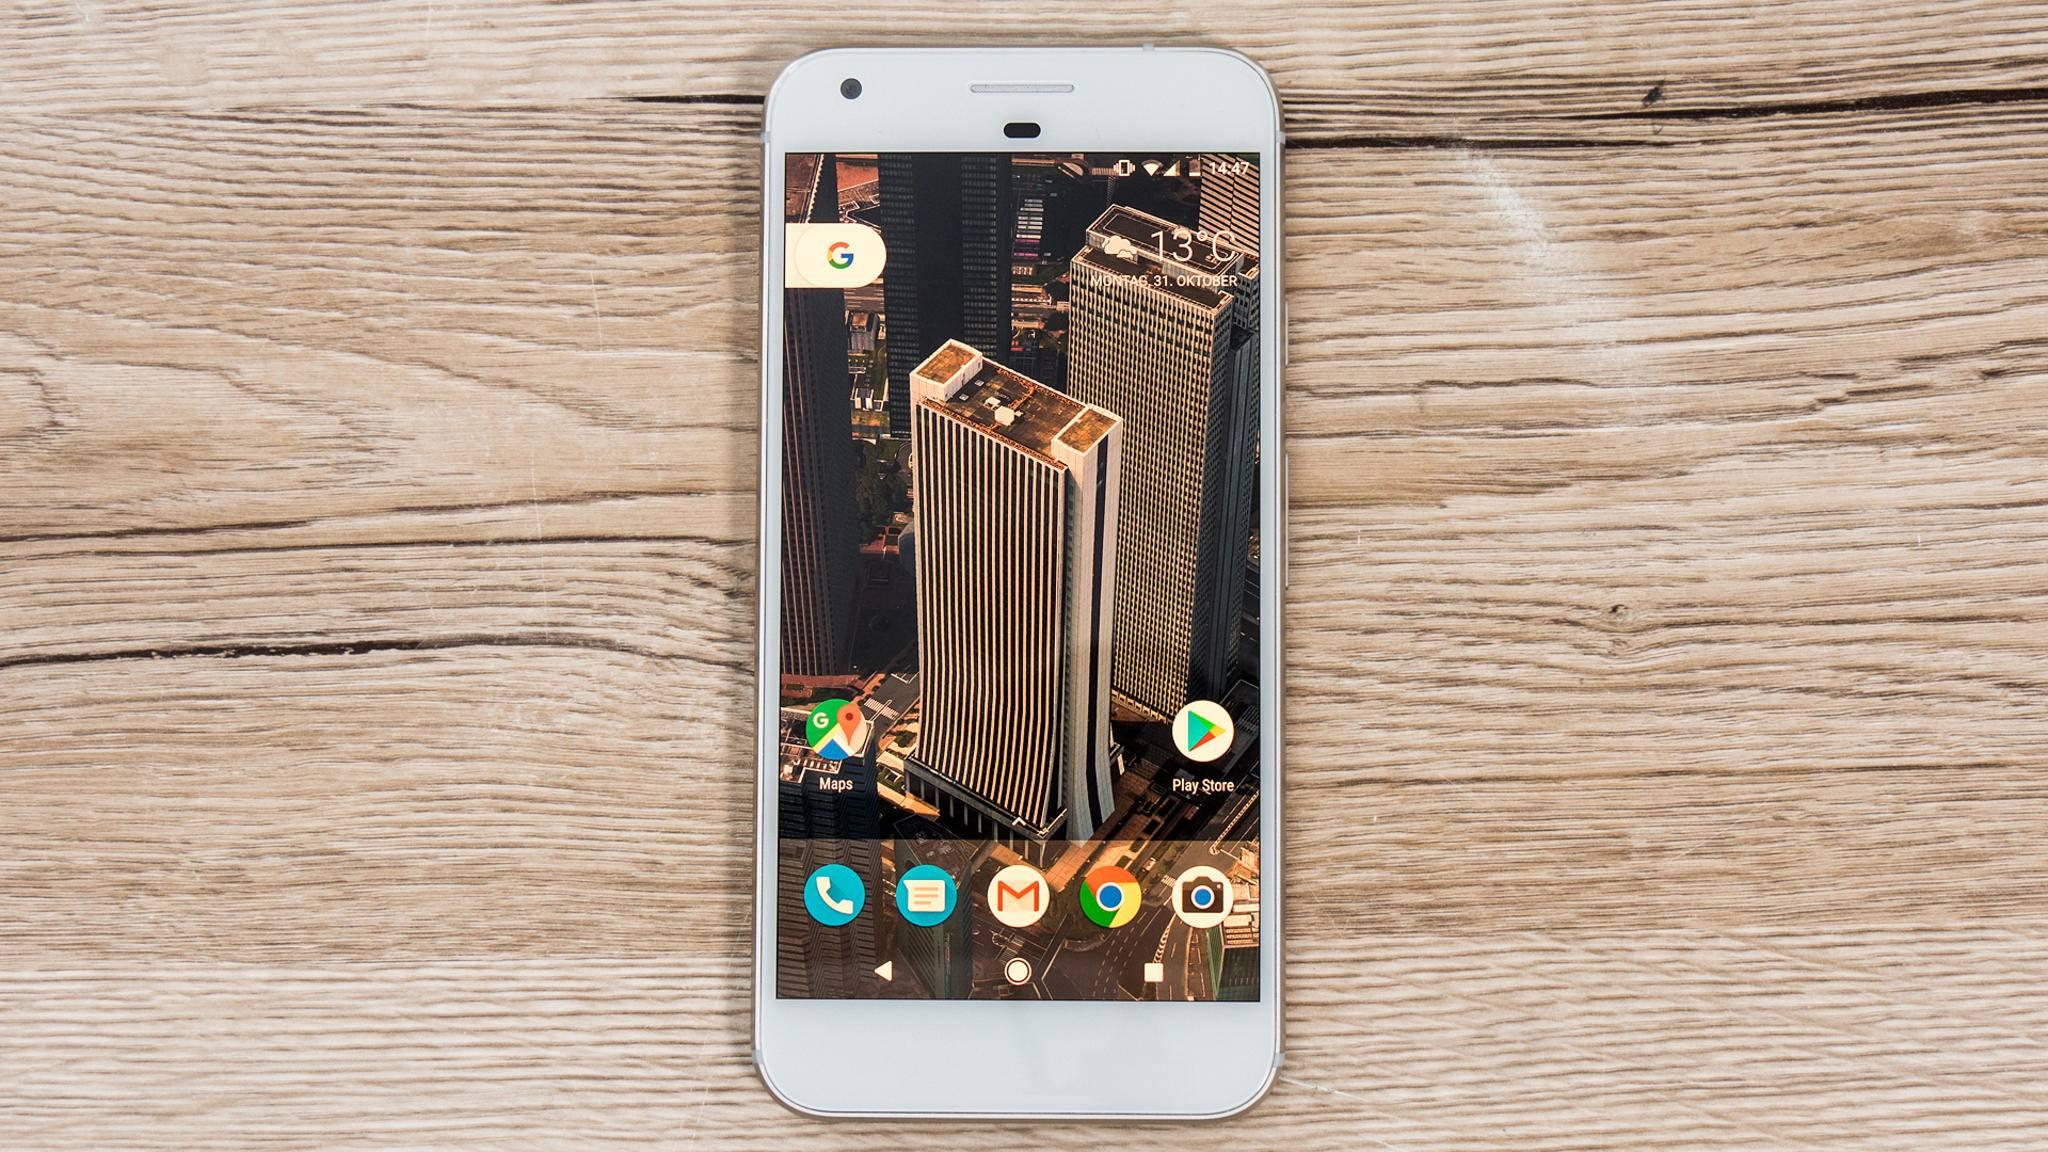 Wie das Galaxy S7 und das Galaxy S8 könnten auch die Pixel-Smartphones ein Always-On-Feature erhalten.